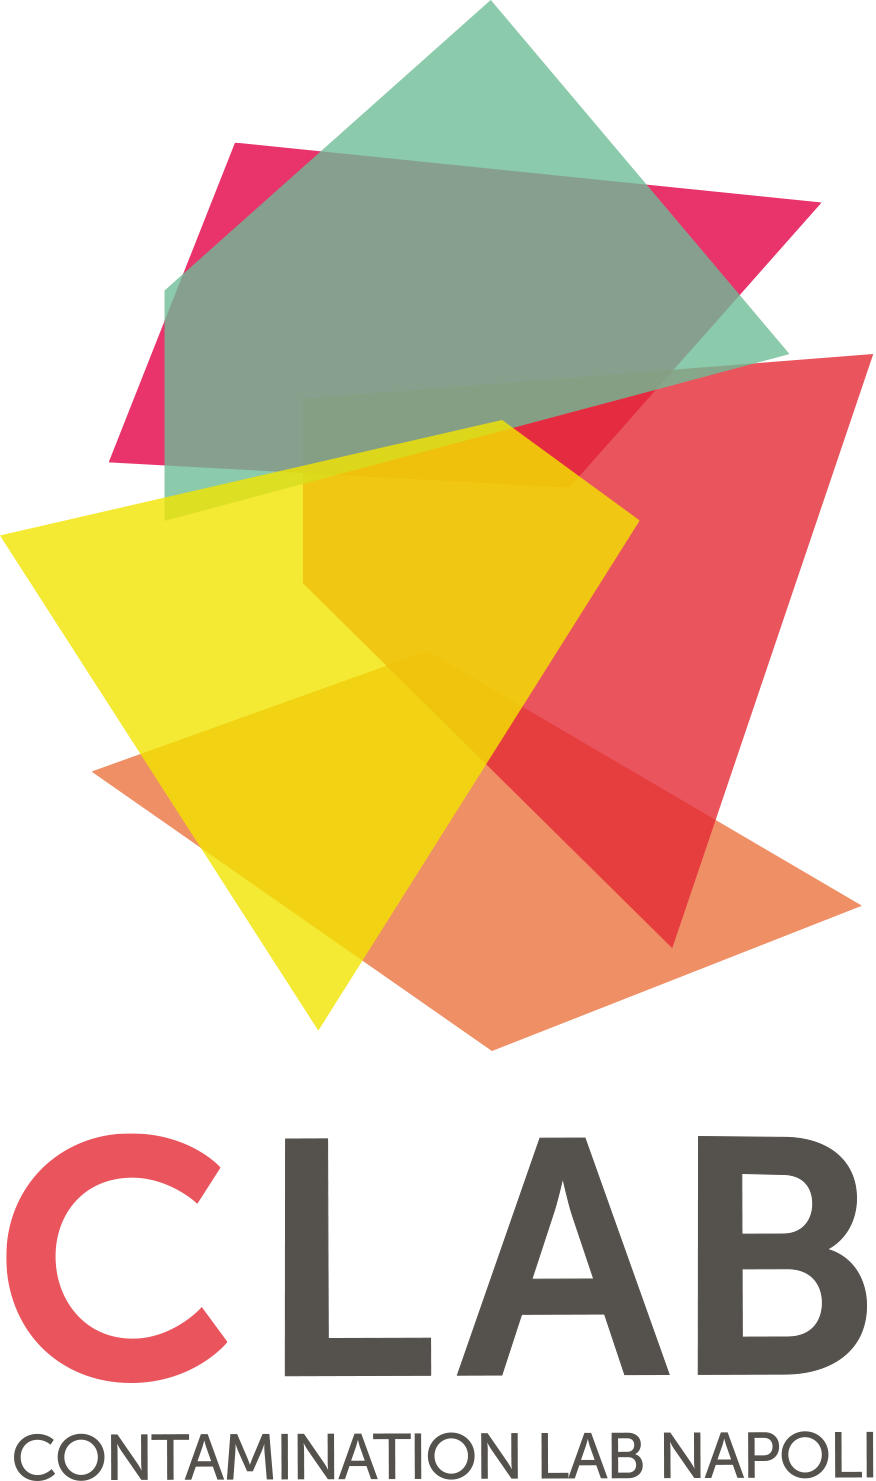 Sono aperte le iscrizioni al terzo ciclo del Contamination Lab Napoli, il progetto dell'Università Federico II che promuove la nascita di startup e imprese innovative, rivolto agli studenti di tutti [...]